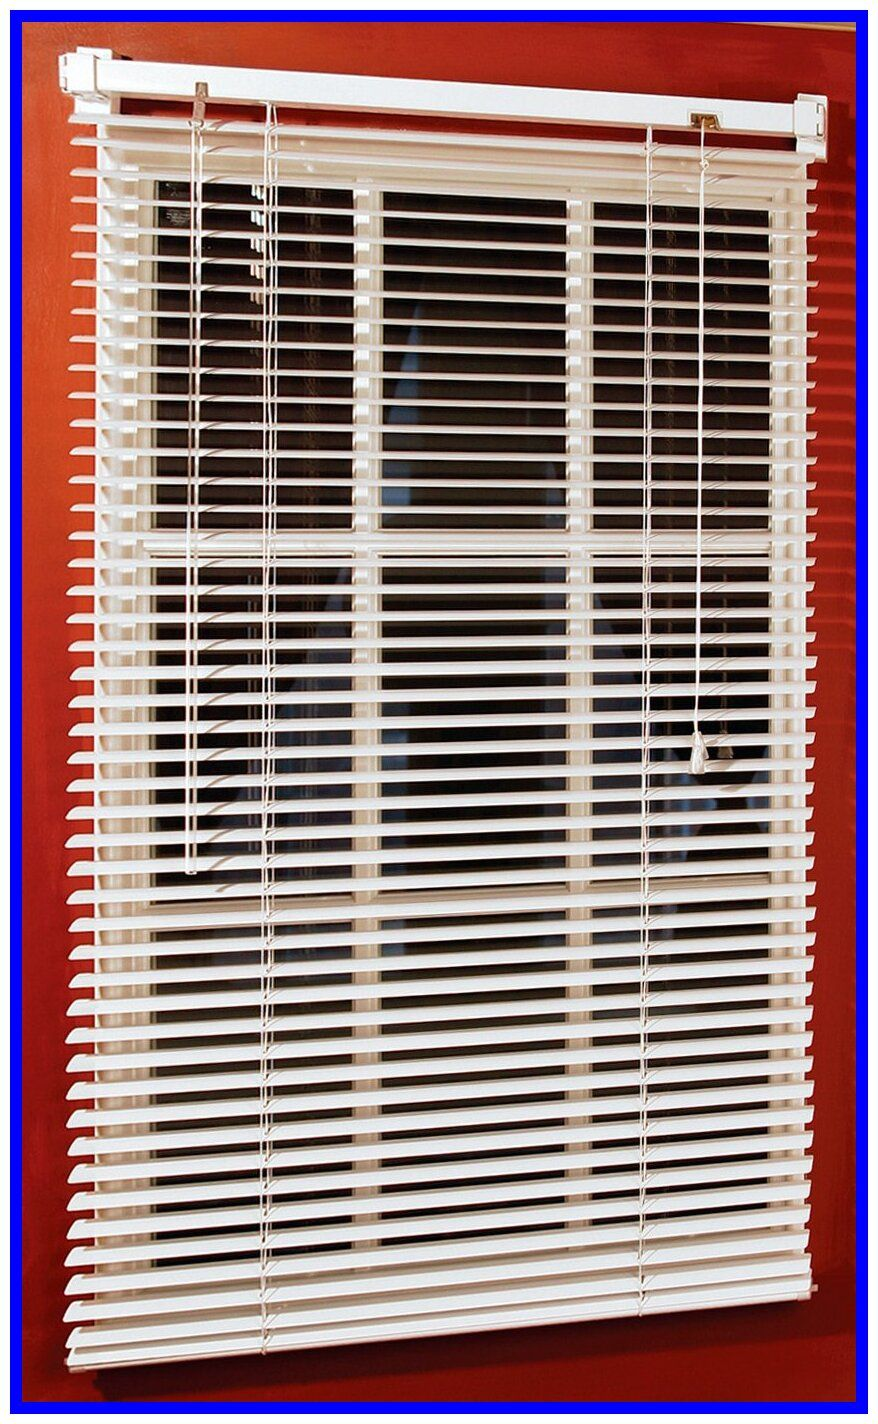 104 Reference Of Blind Slats Pvc In 2020 Vinyl Mini Blinds Blinds For Windows Mini Blinds